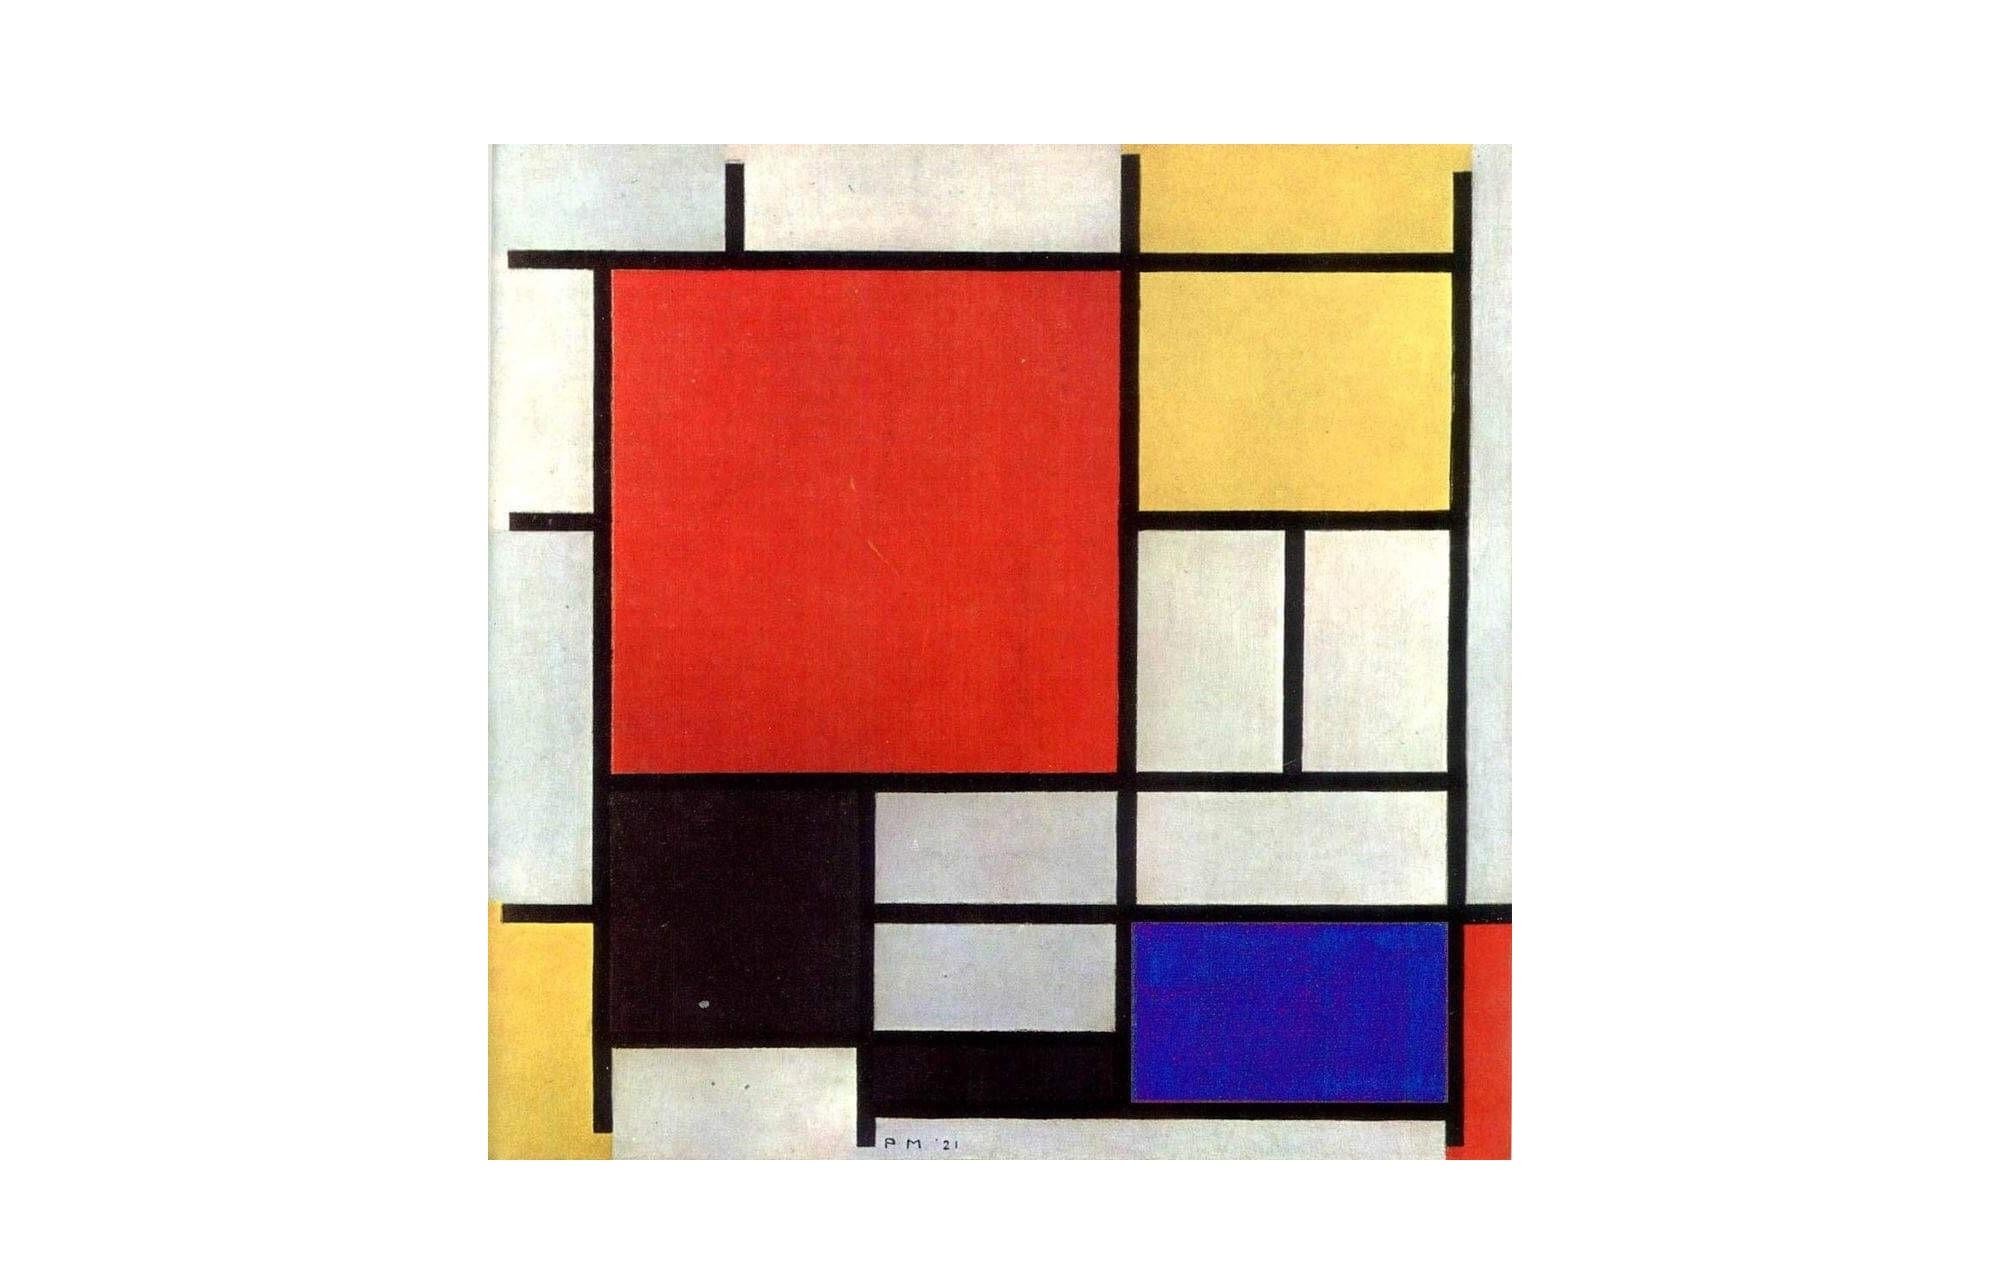 Comment Piet Mondrian a révolutionné la peinture